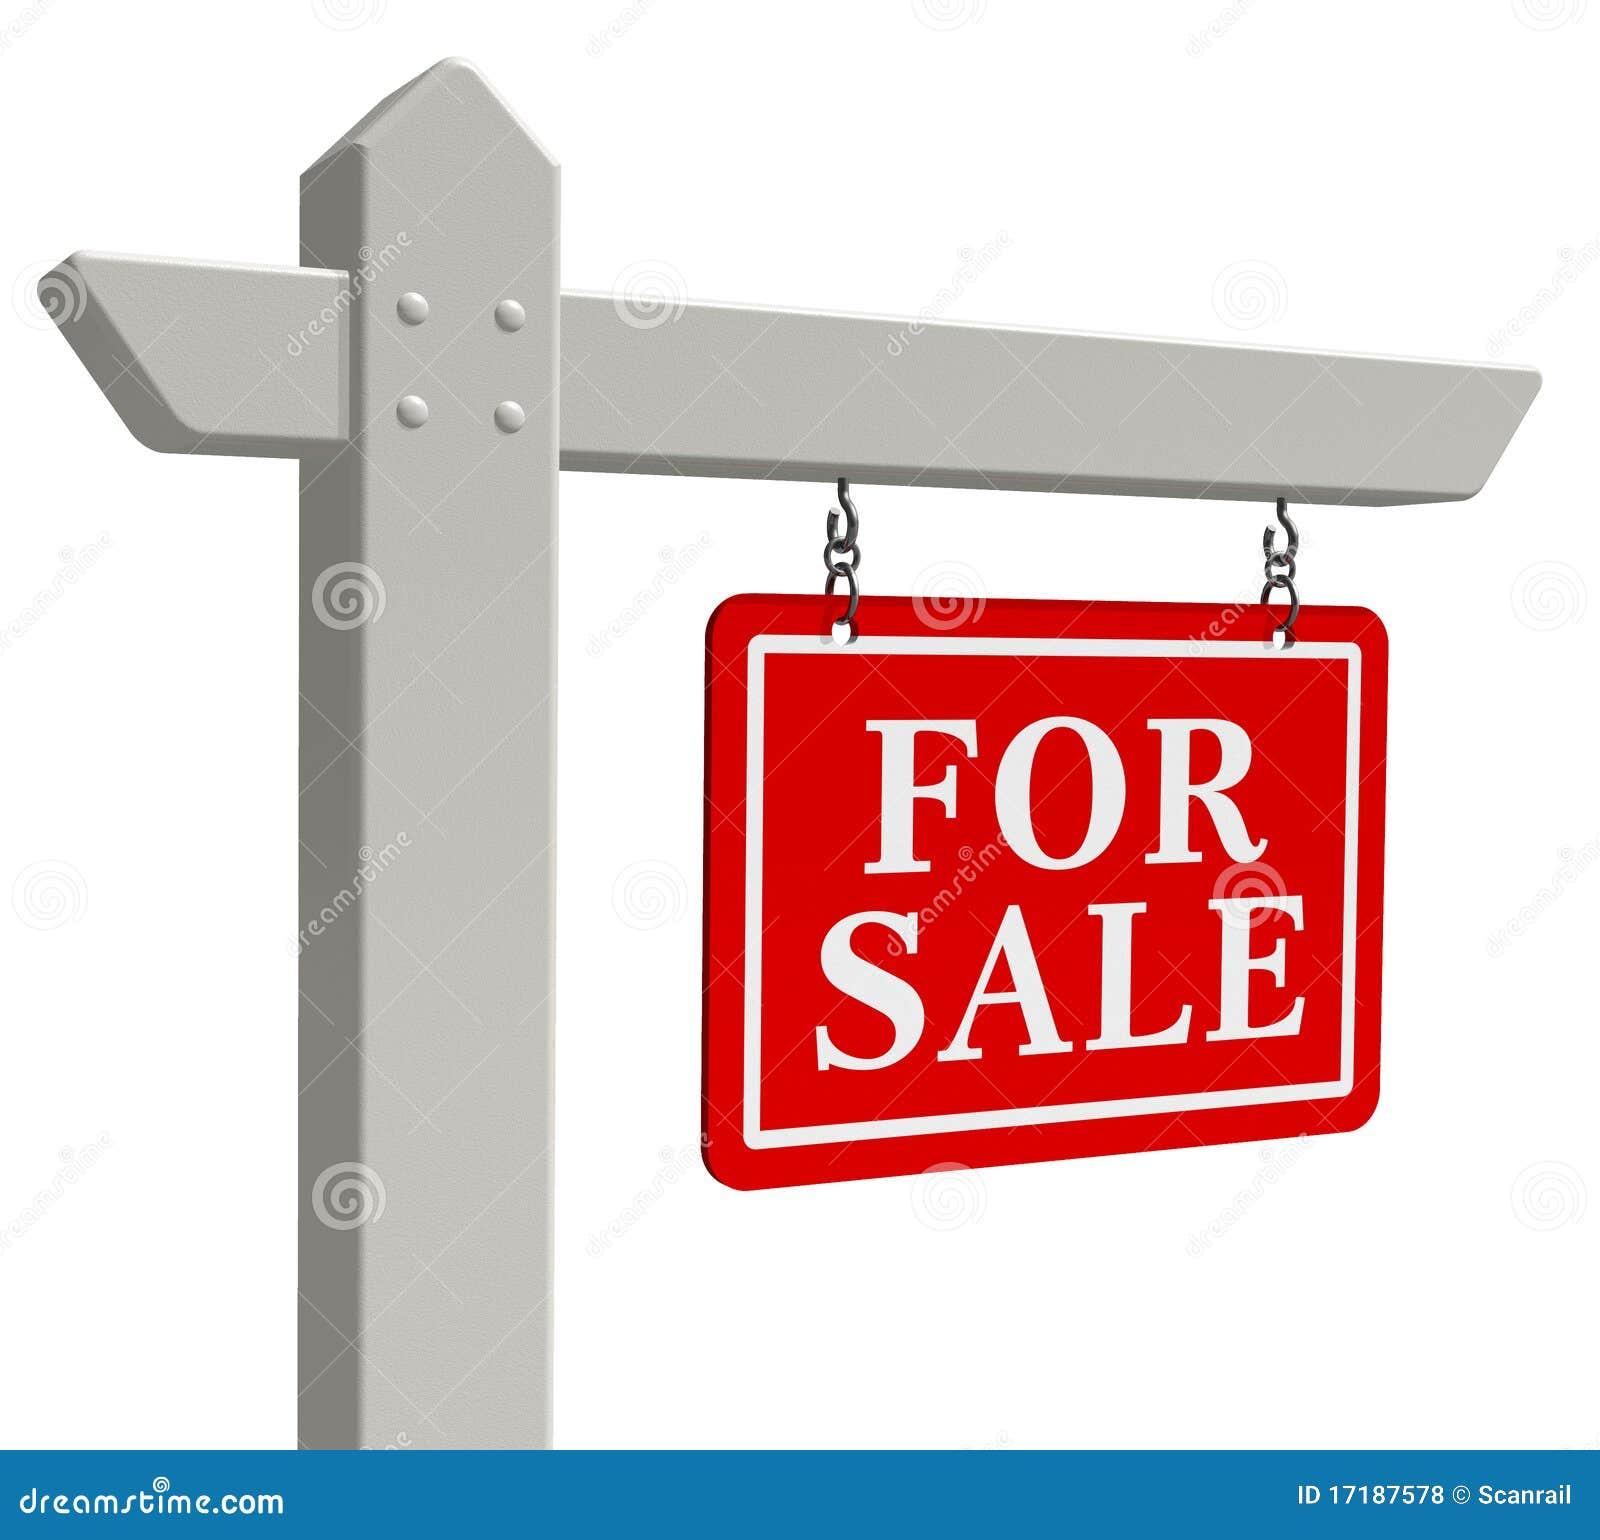 For Sale Real Estate Sign Stock Illustration. Illustration